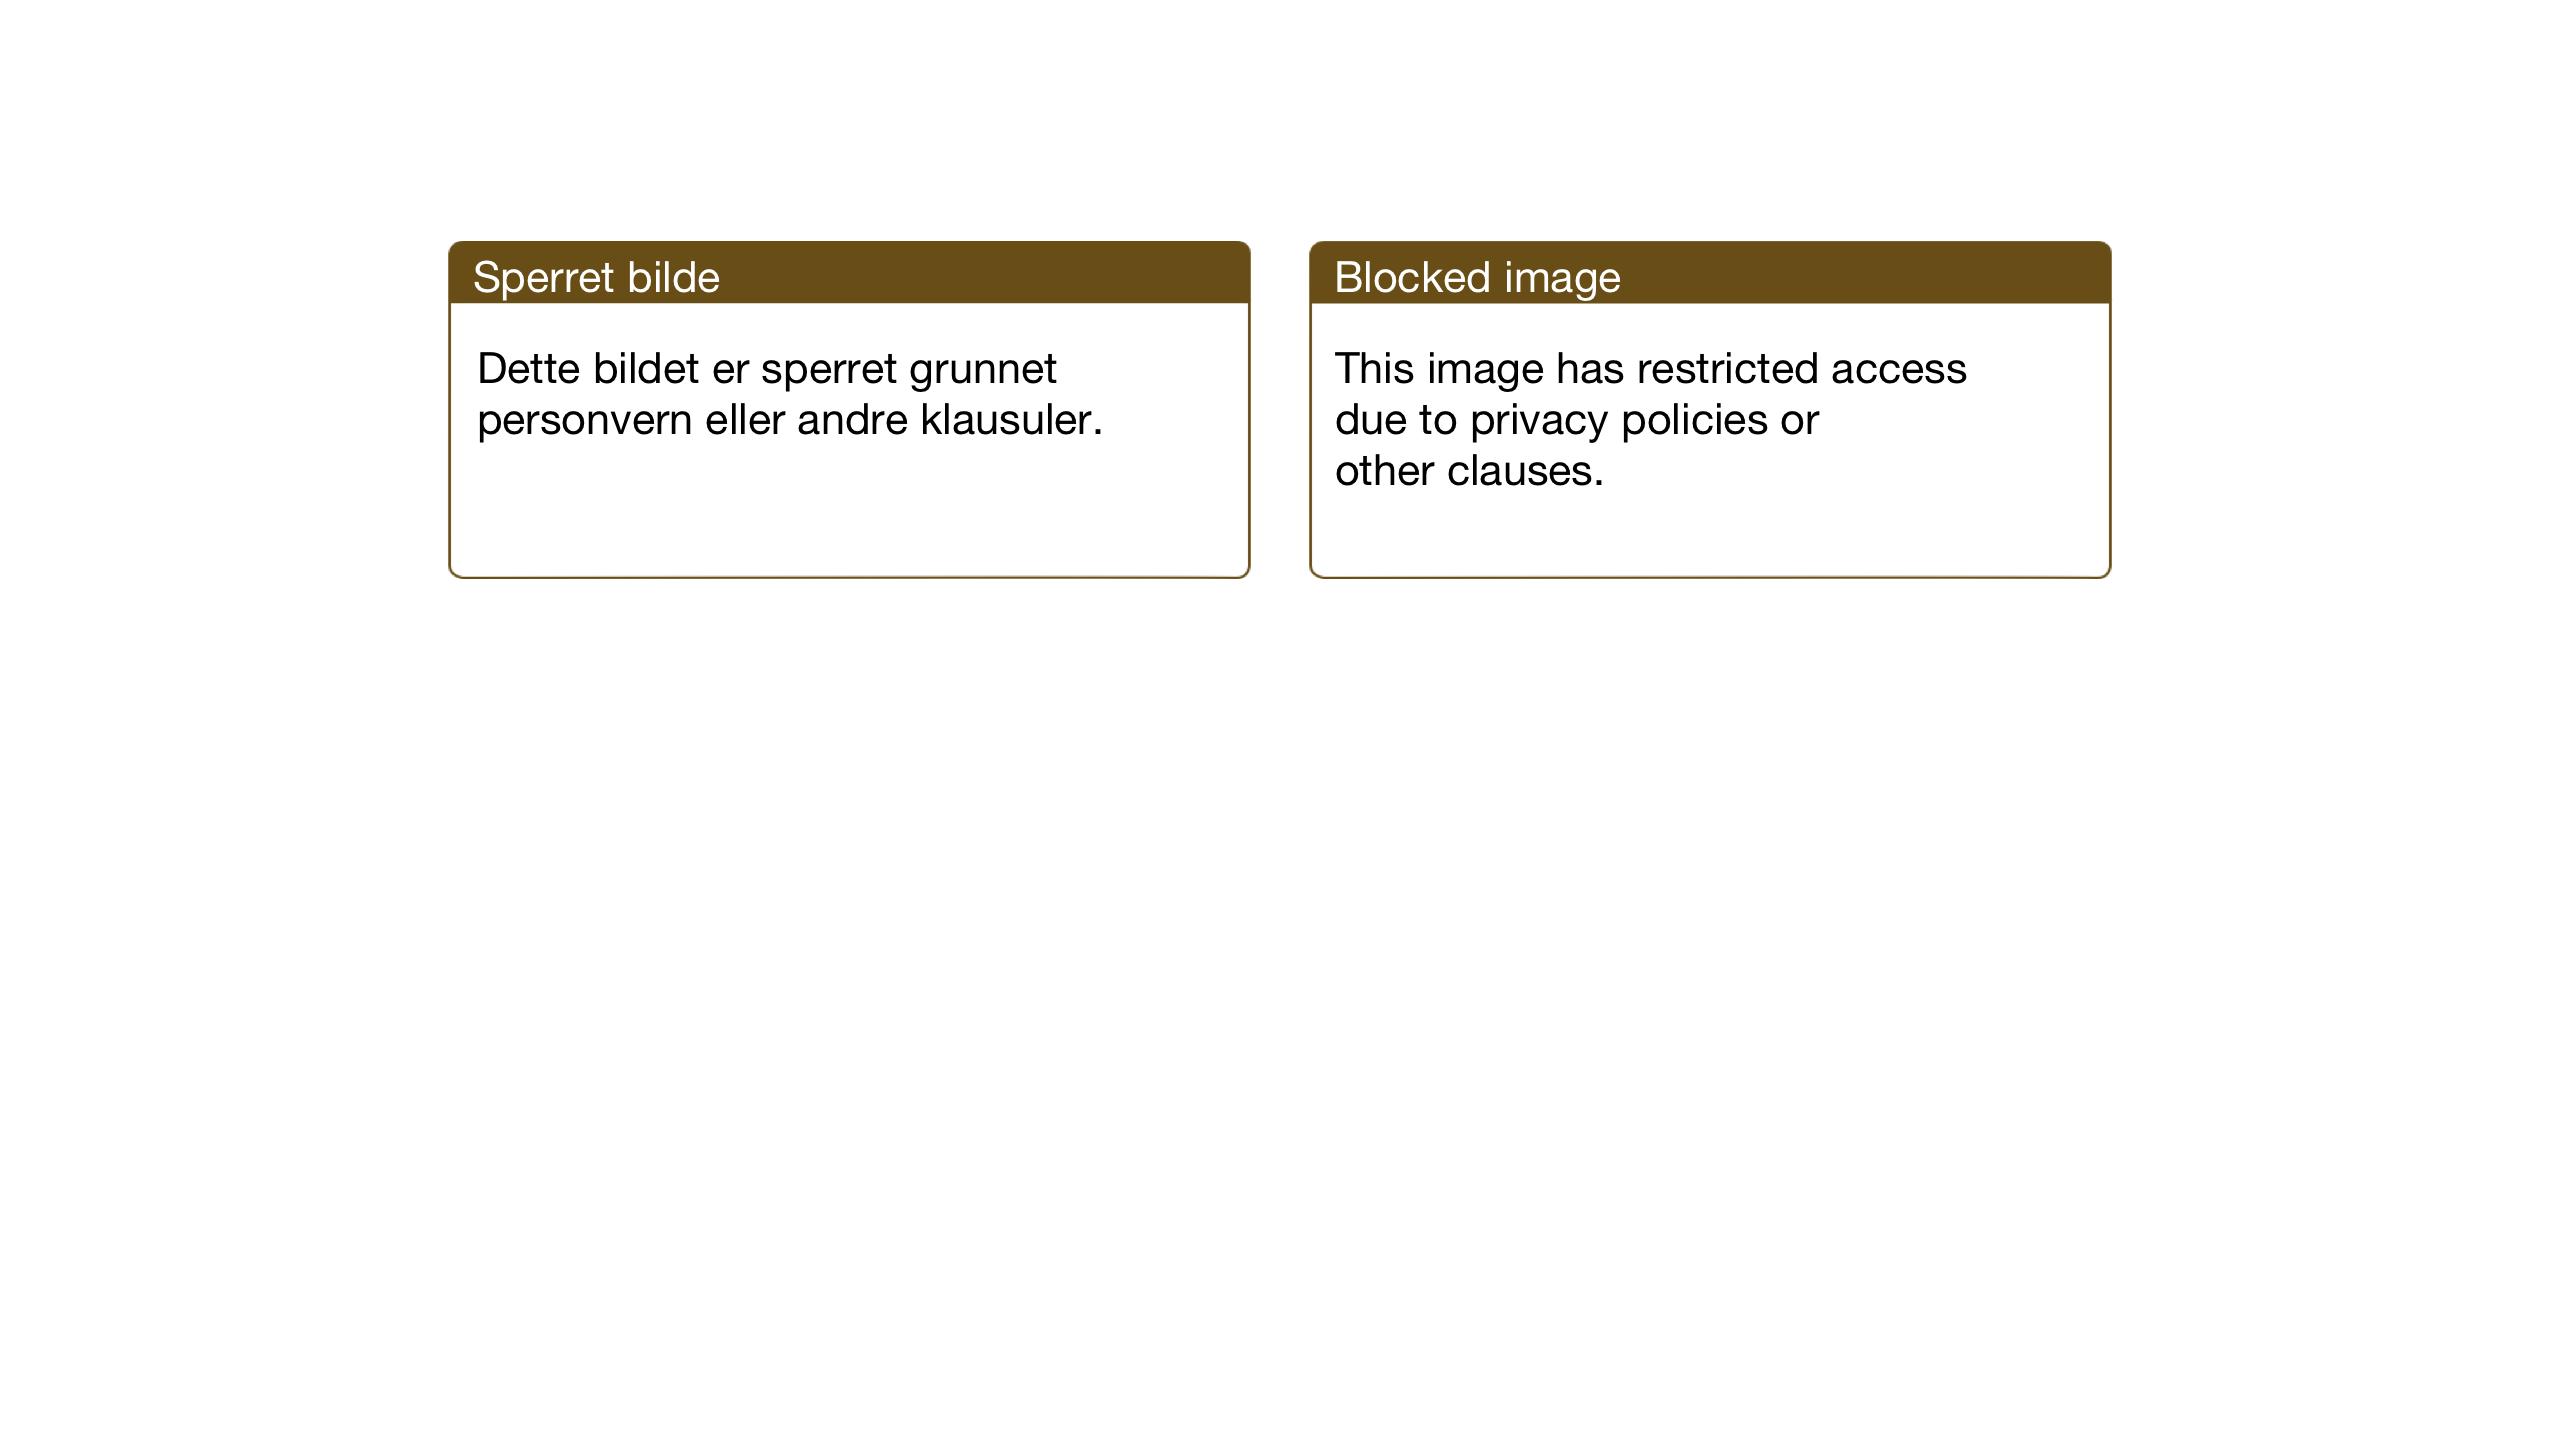 SAT, Ministerialprotokoller, klokkerbøker og fødselsregistre - Sør-Trøndelag, 603/L0177: Klokkerbok nr. 603C05, 1941-1952, s. 247